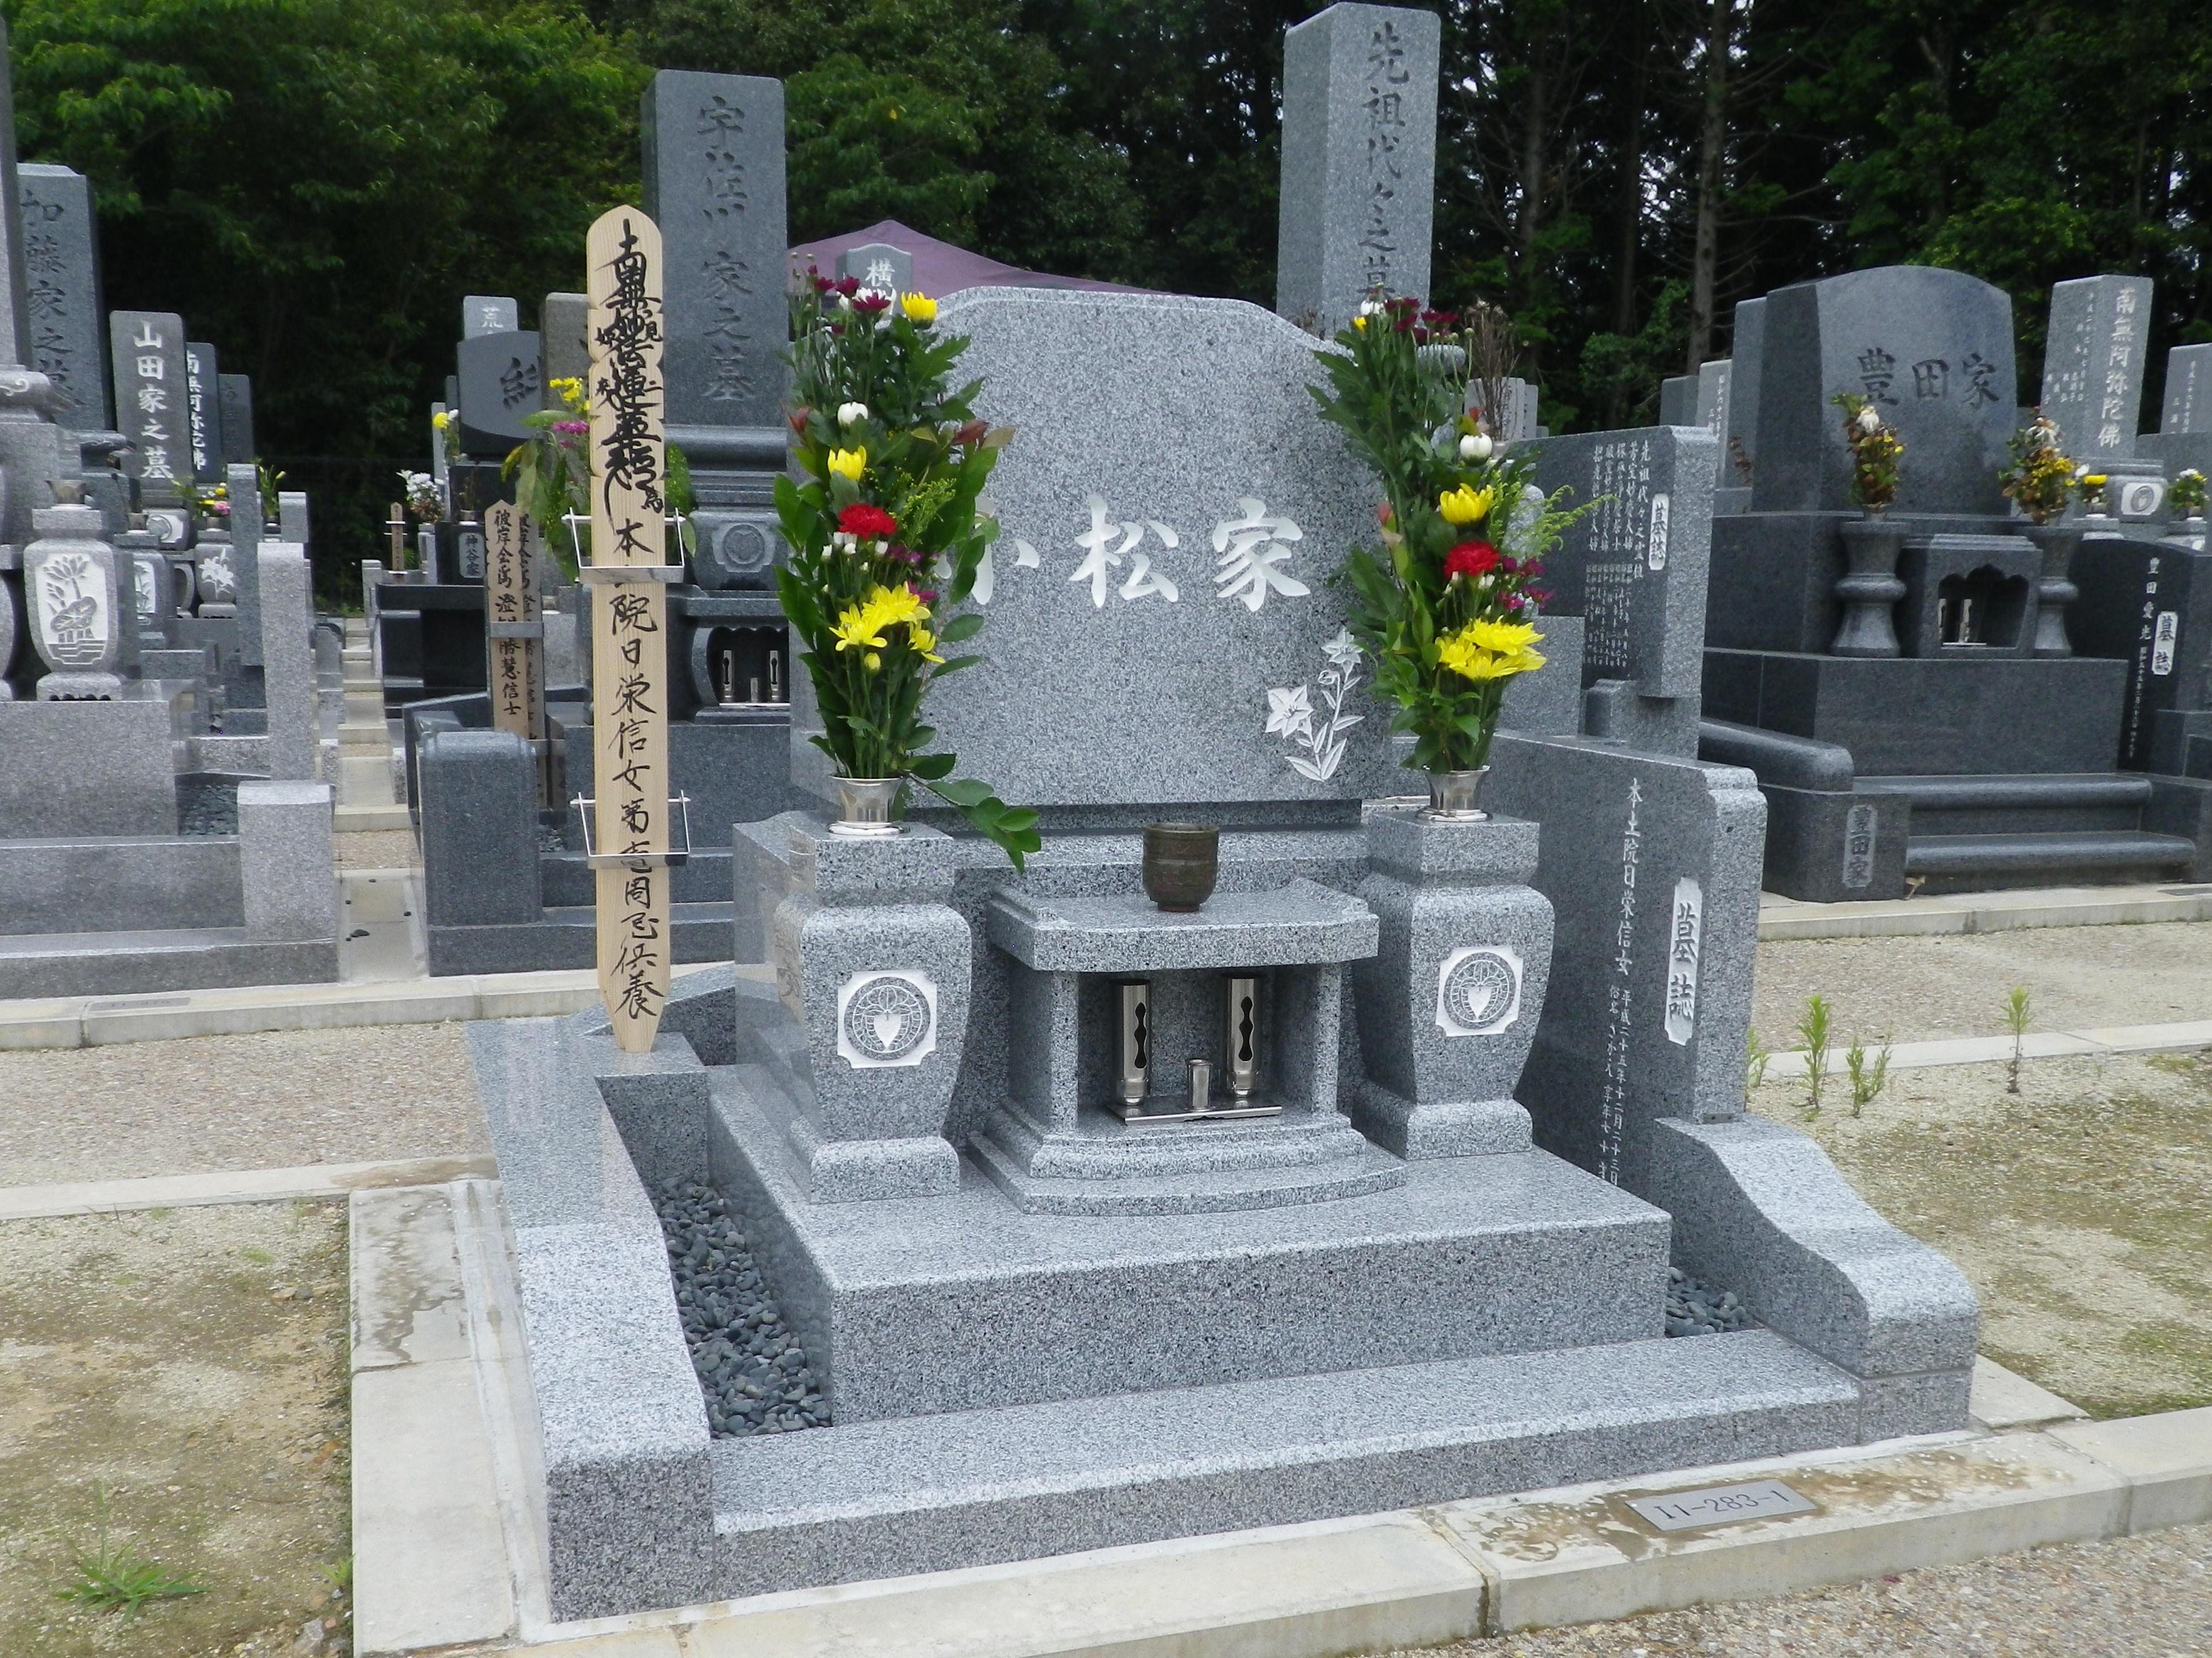 201506 ○岡崎市才栗町 岡崎墓園 I1-283-1 中国産 G614 洋型 小松忠司様